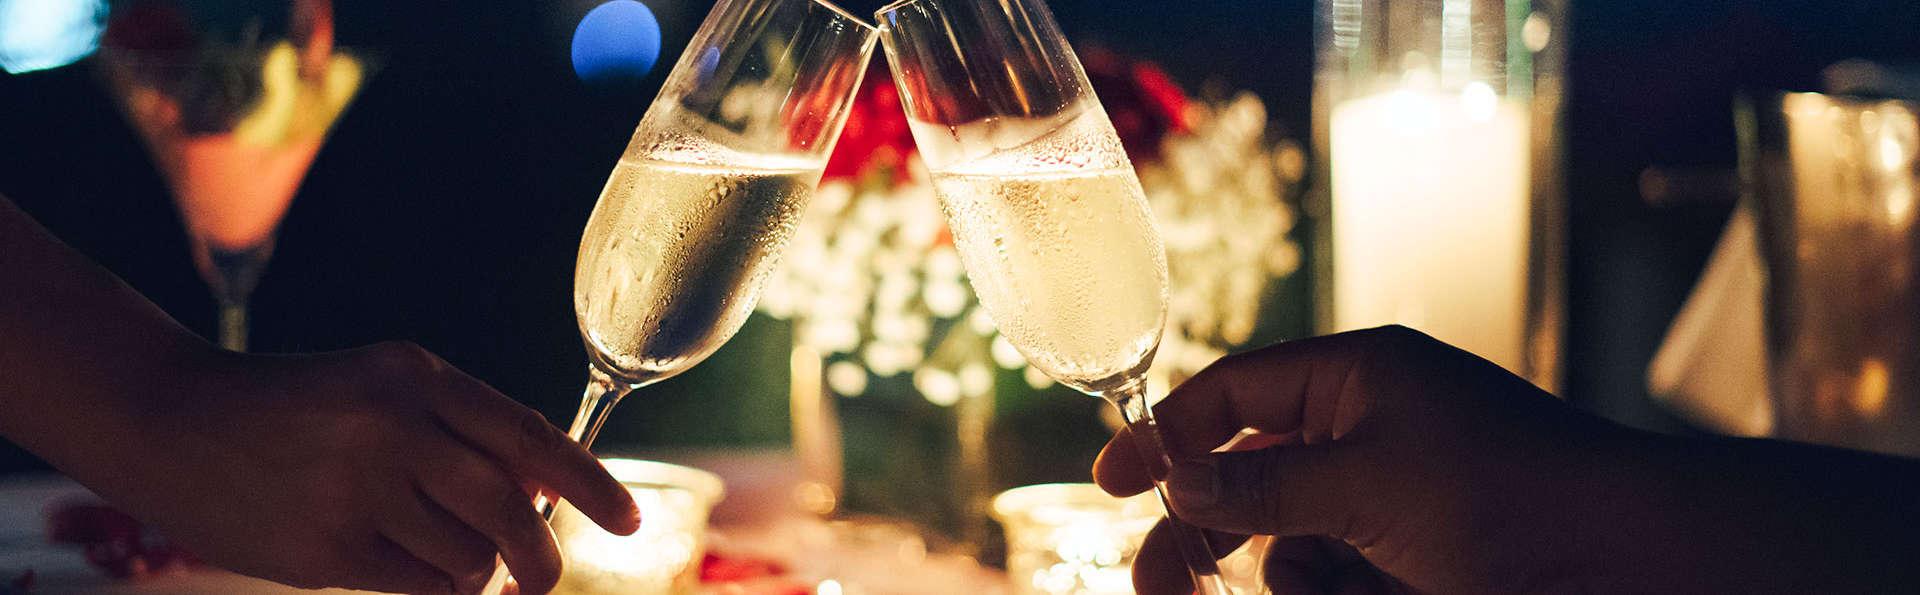 Sorprende a tu pareja: cena romántica, spa privado y mucho más en habitación superior